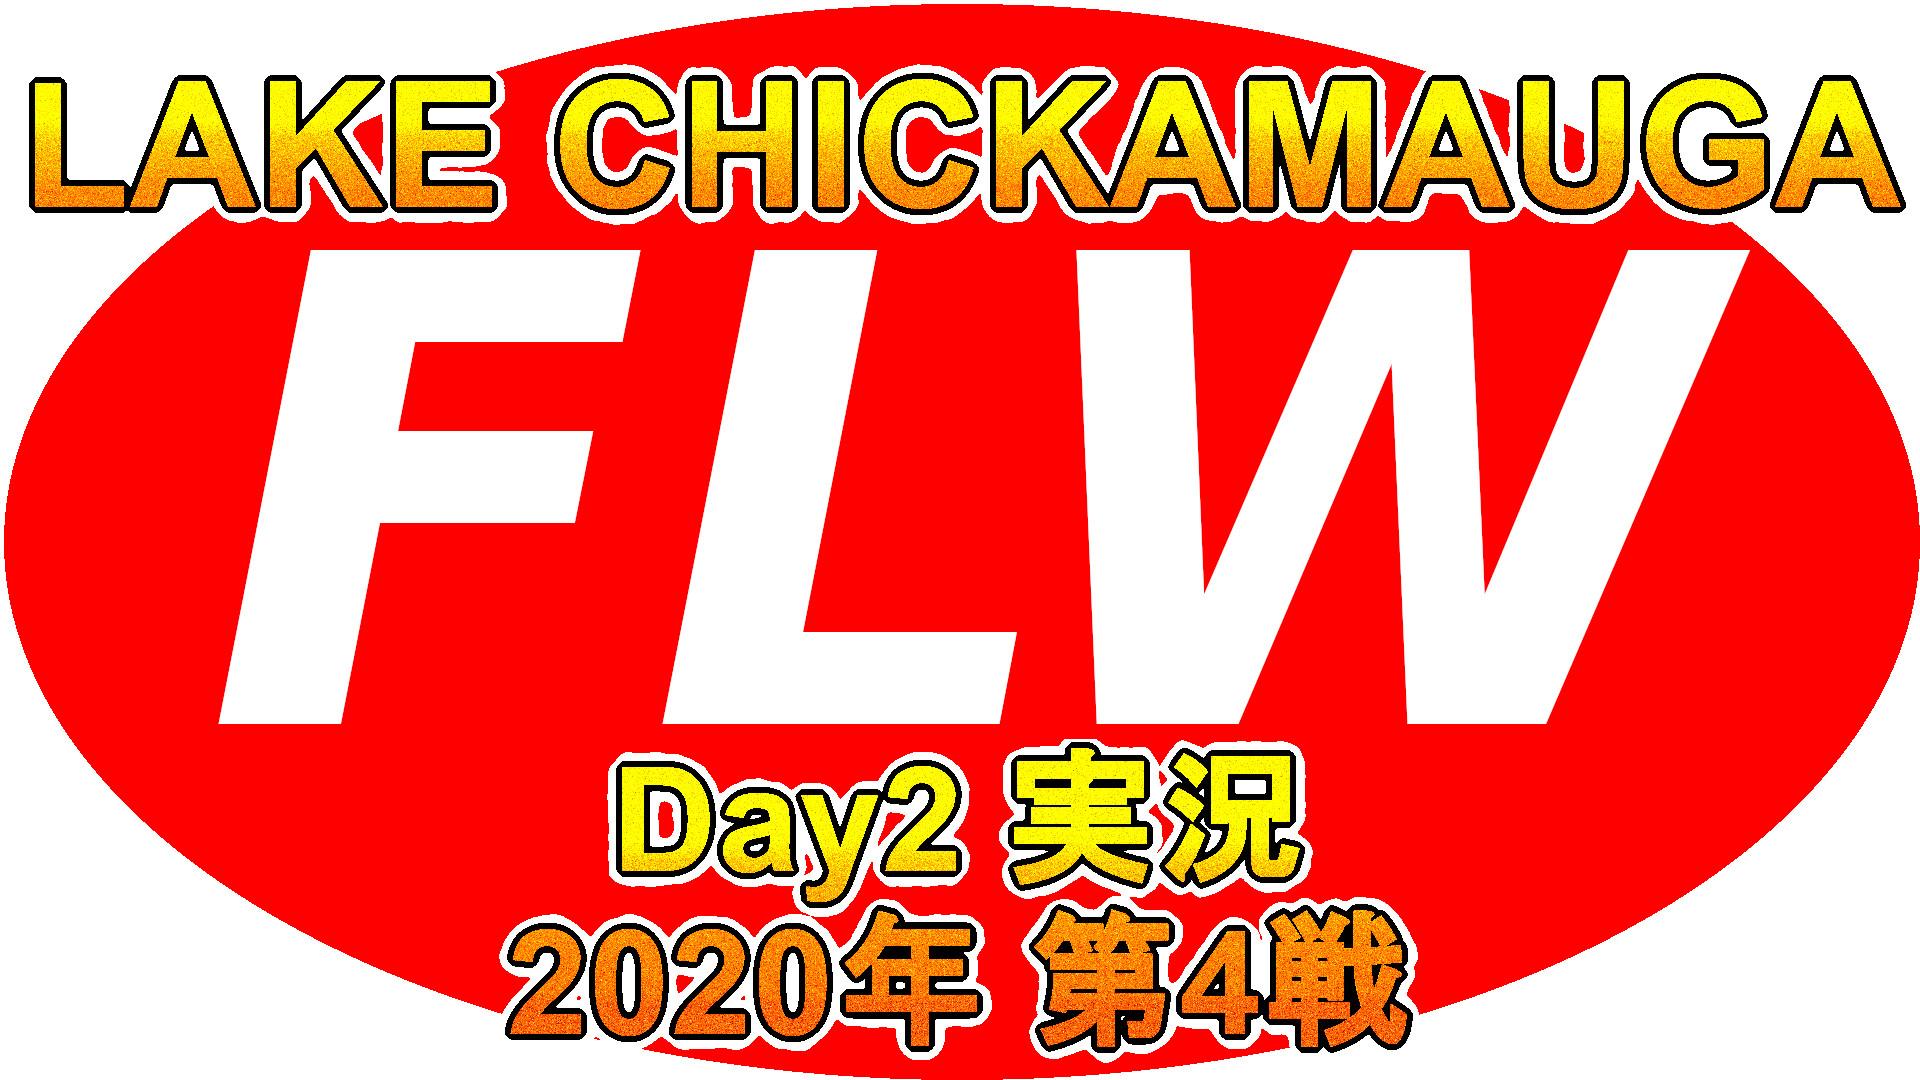 FLWレイクチカモーガ2日目2020年